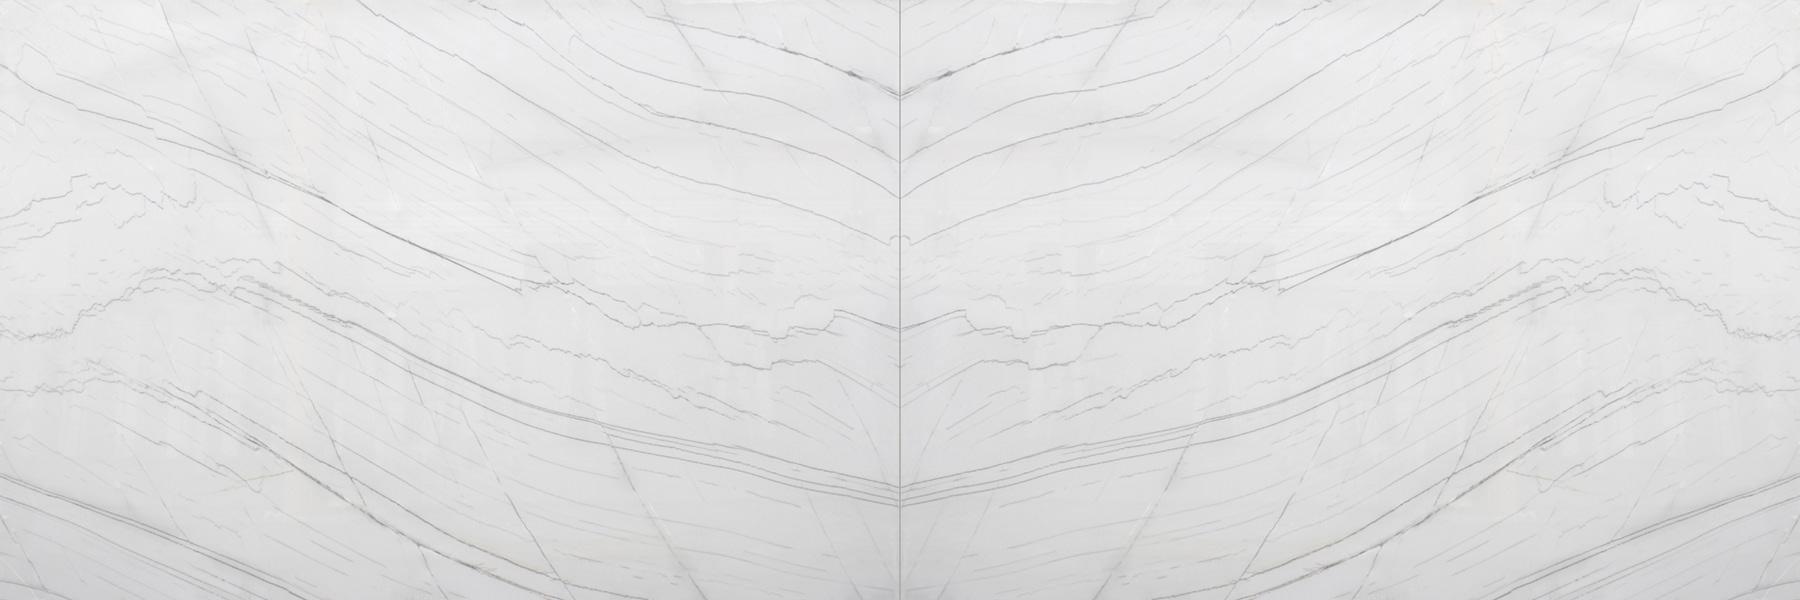 Filamento Quartzite Horizontal Bookmatch A